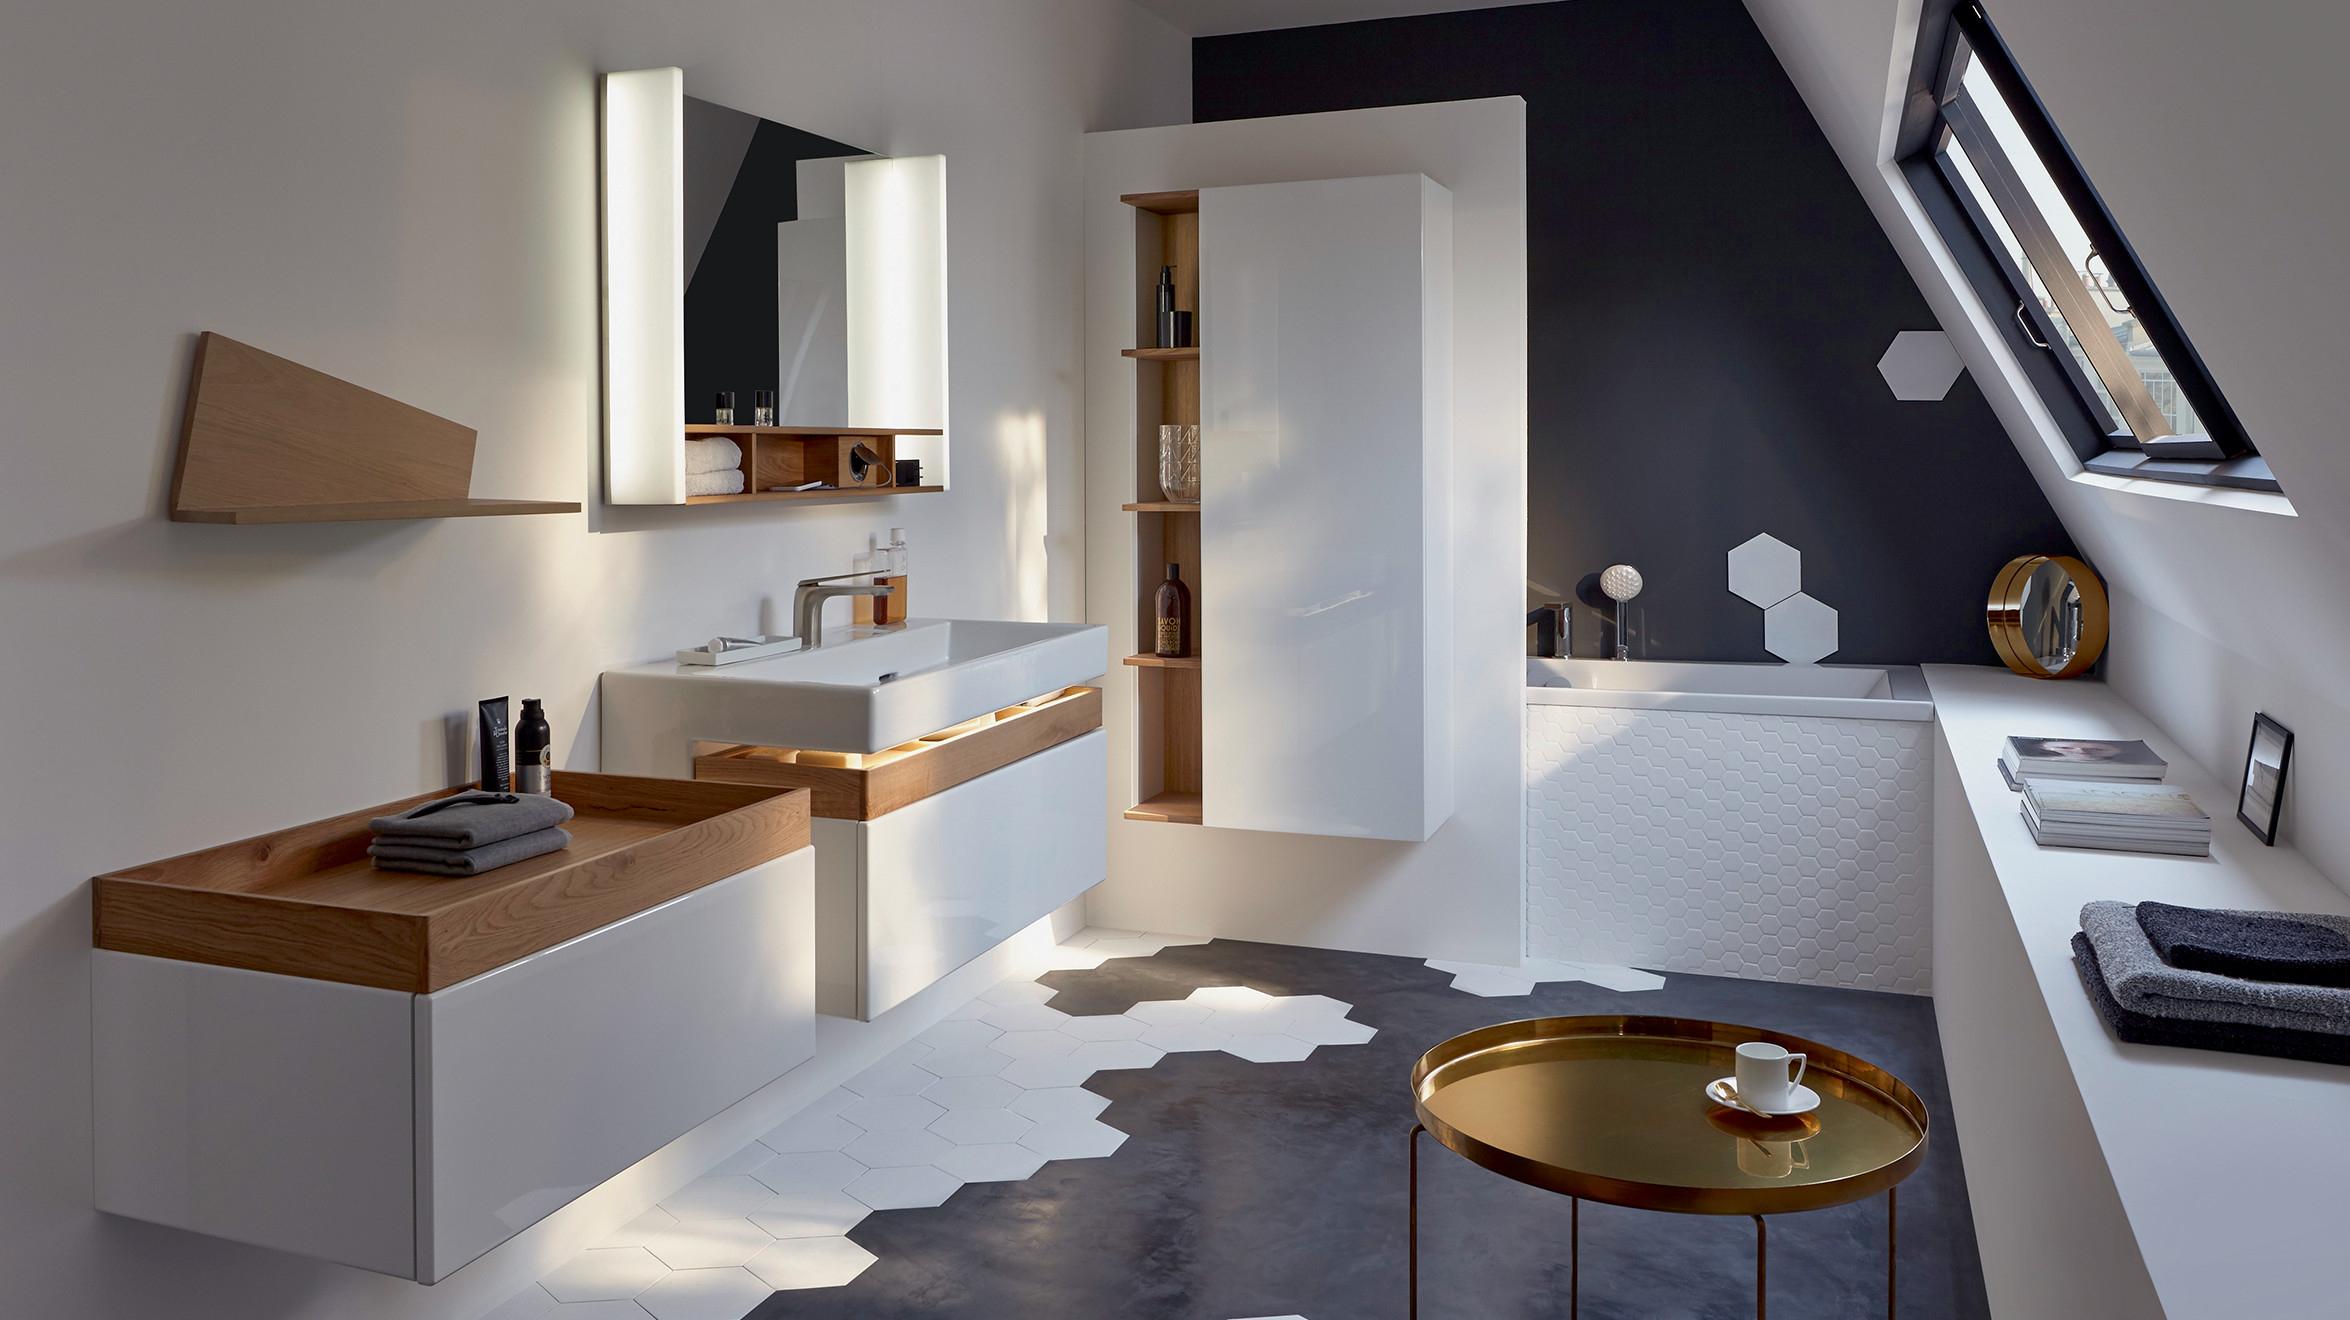 Configurateur 3D : Concevoir Sa Salle De Bain En Ligne tout Créer Sa Salle De Bain